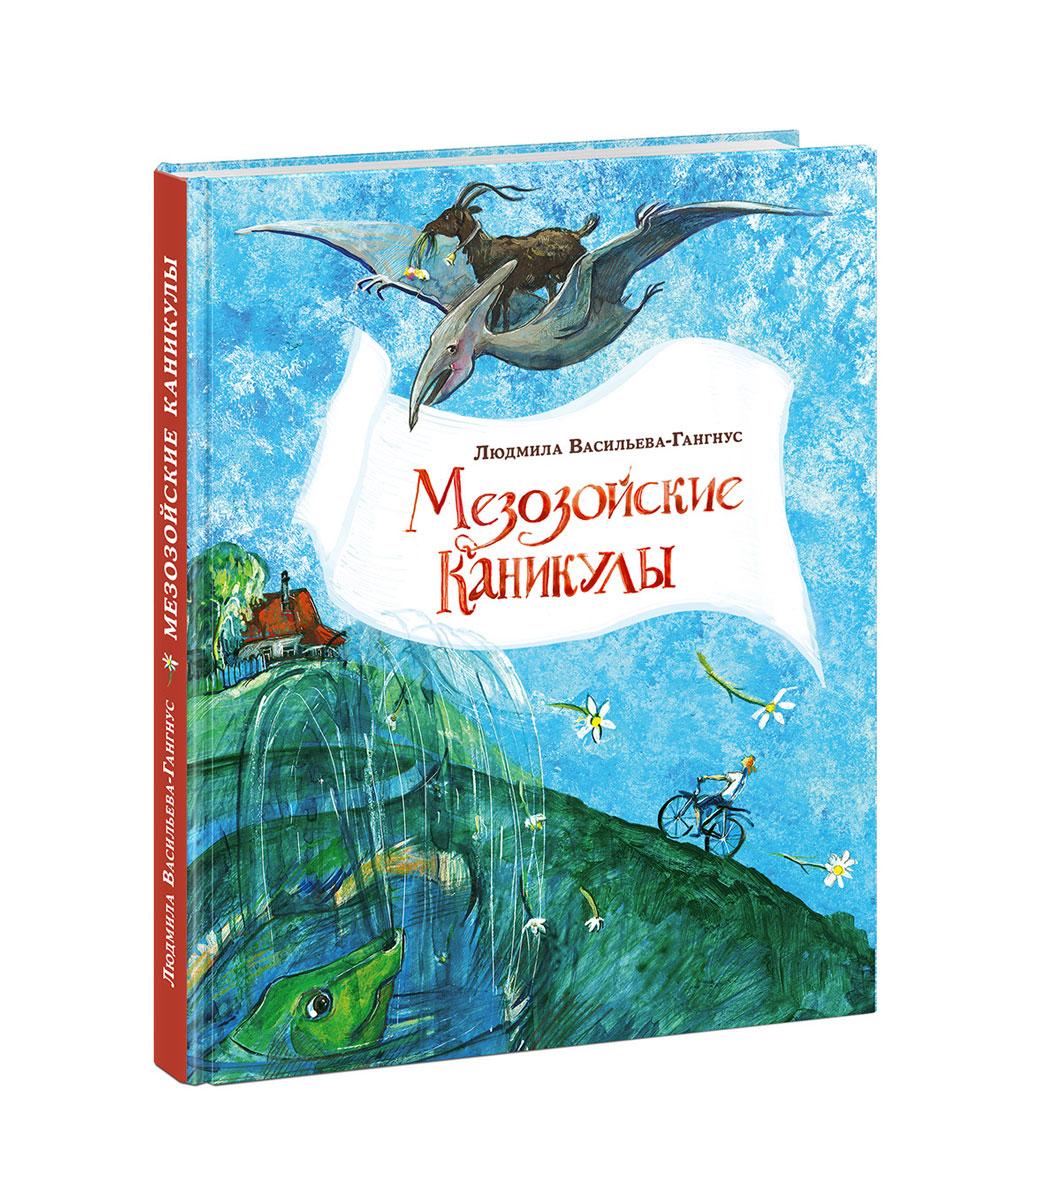 Мезозойские каникулы, Васильева-Гангнус Людмила